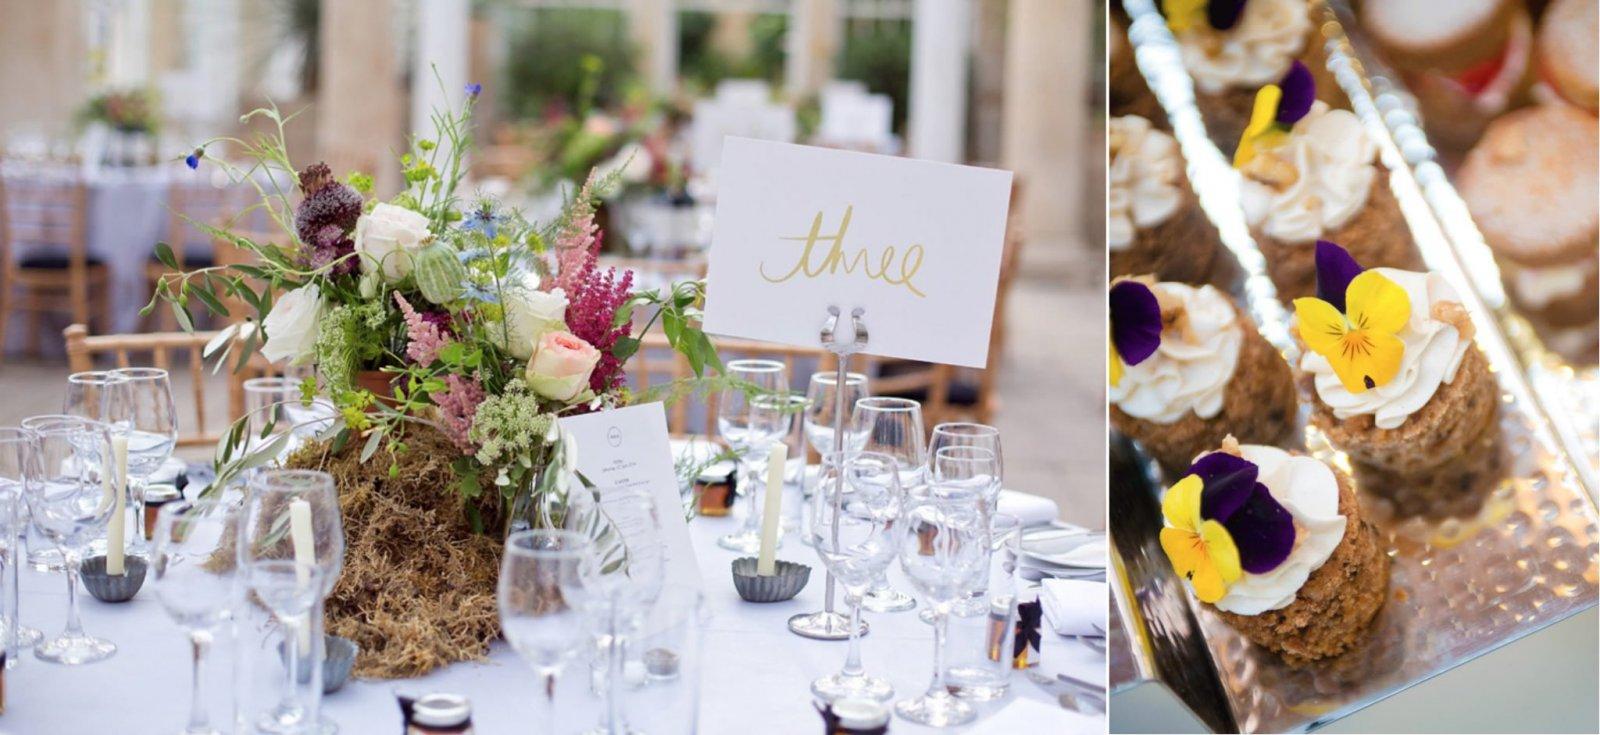 wedding-trends-2019-1600x735